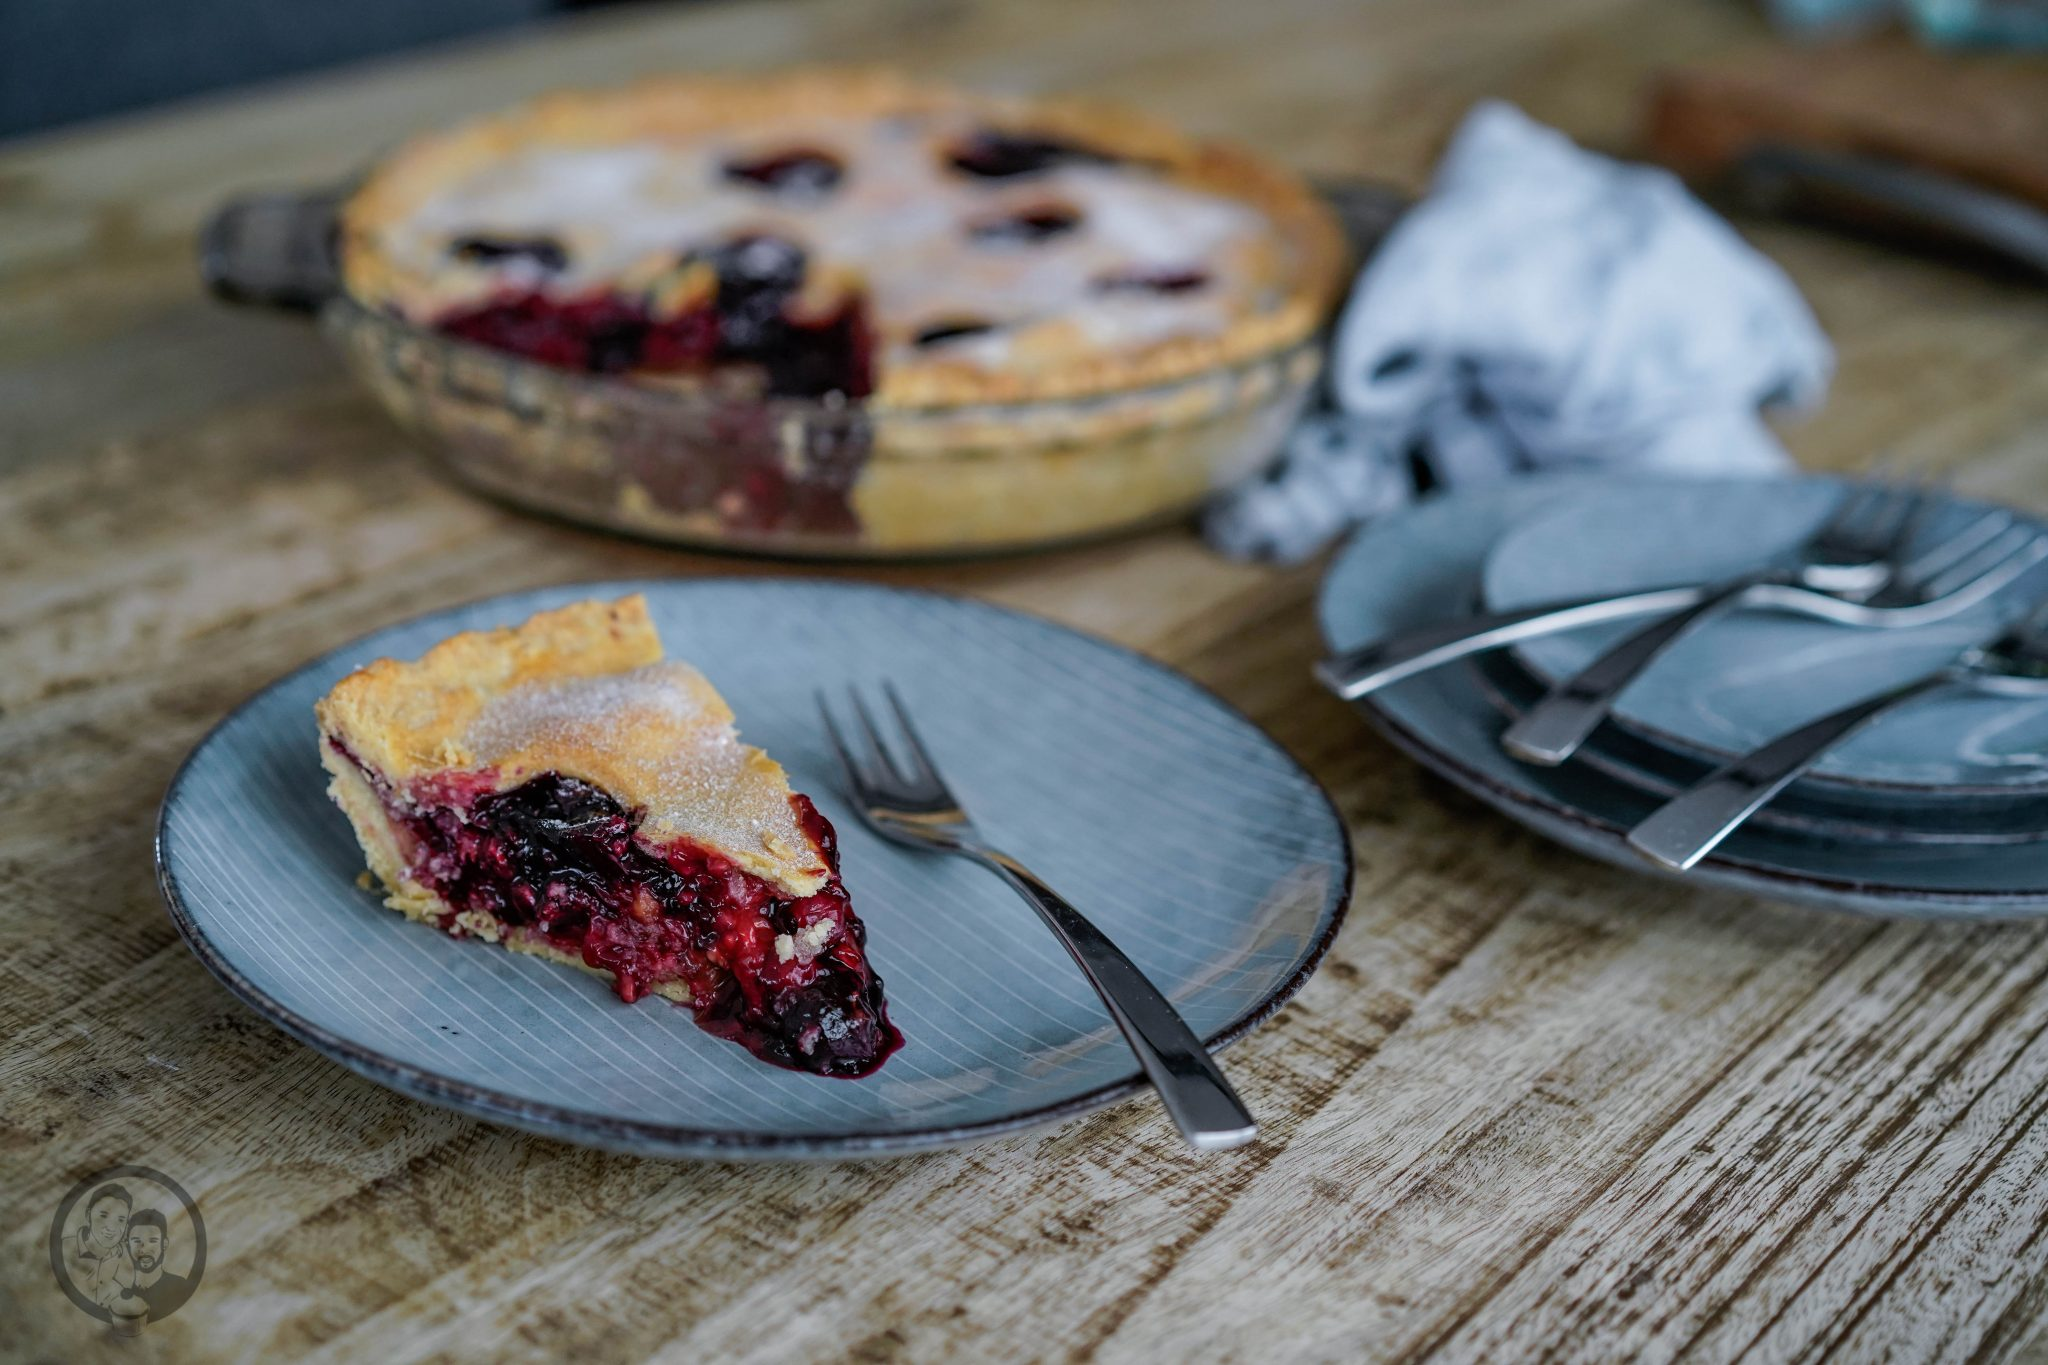 Berry Pie auf einem Tisch